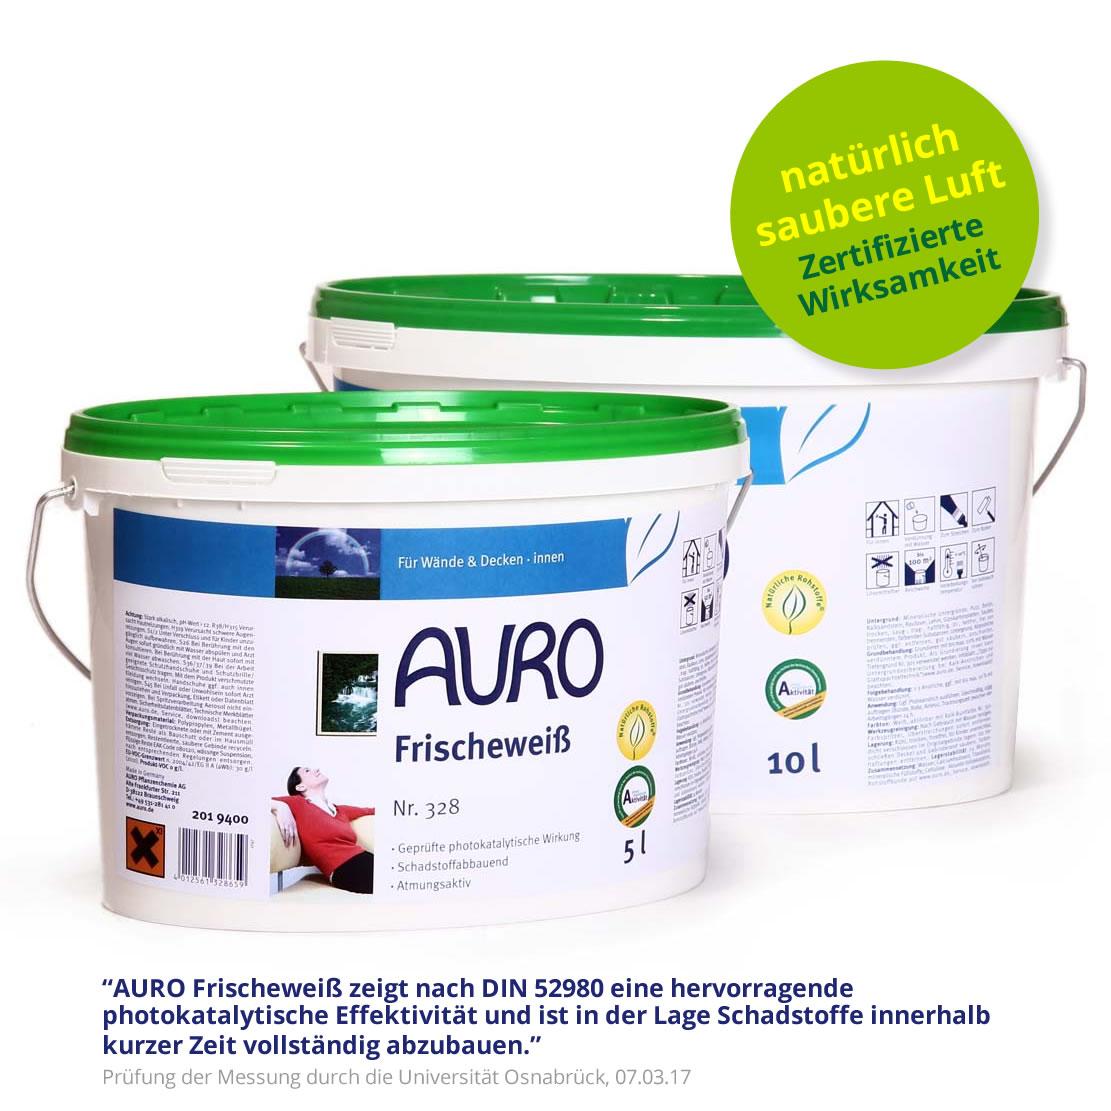 frischeweiss von auro - gute luft zum streichen | auro shop